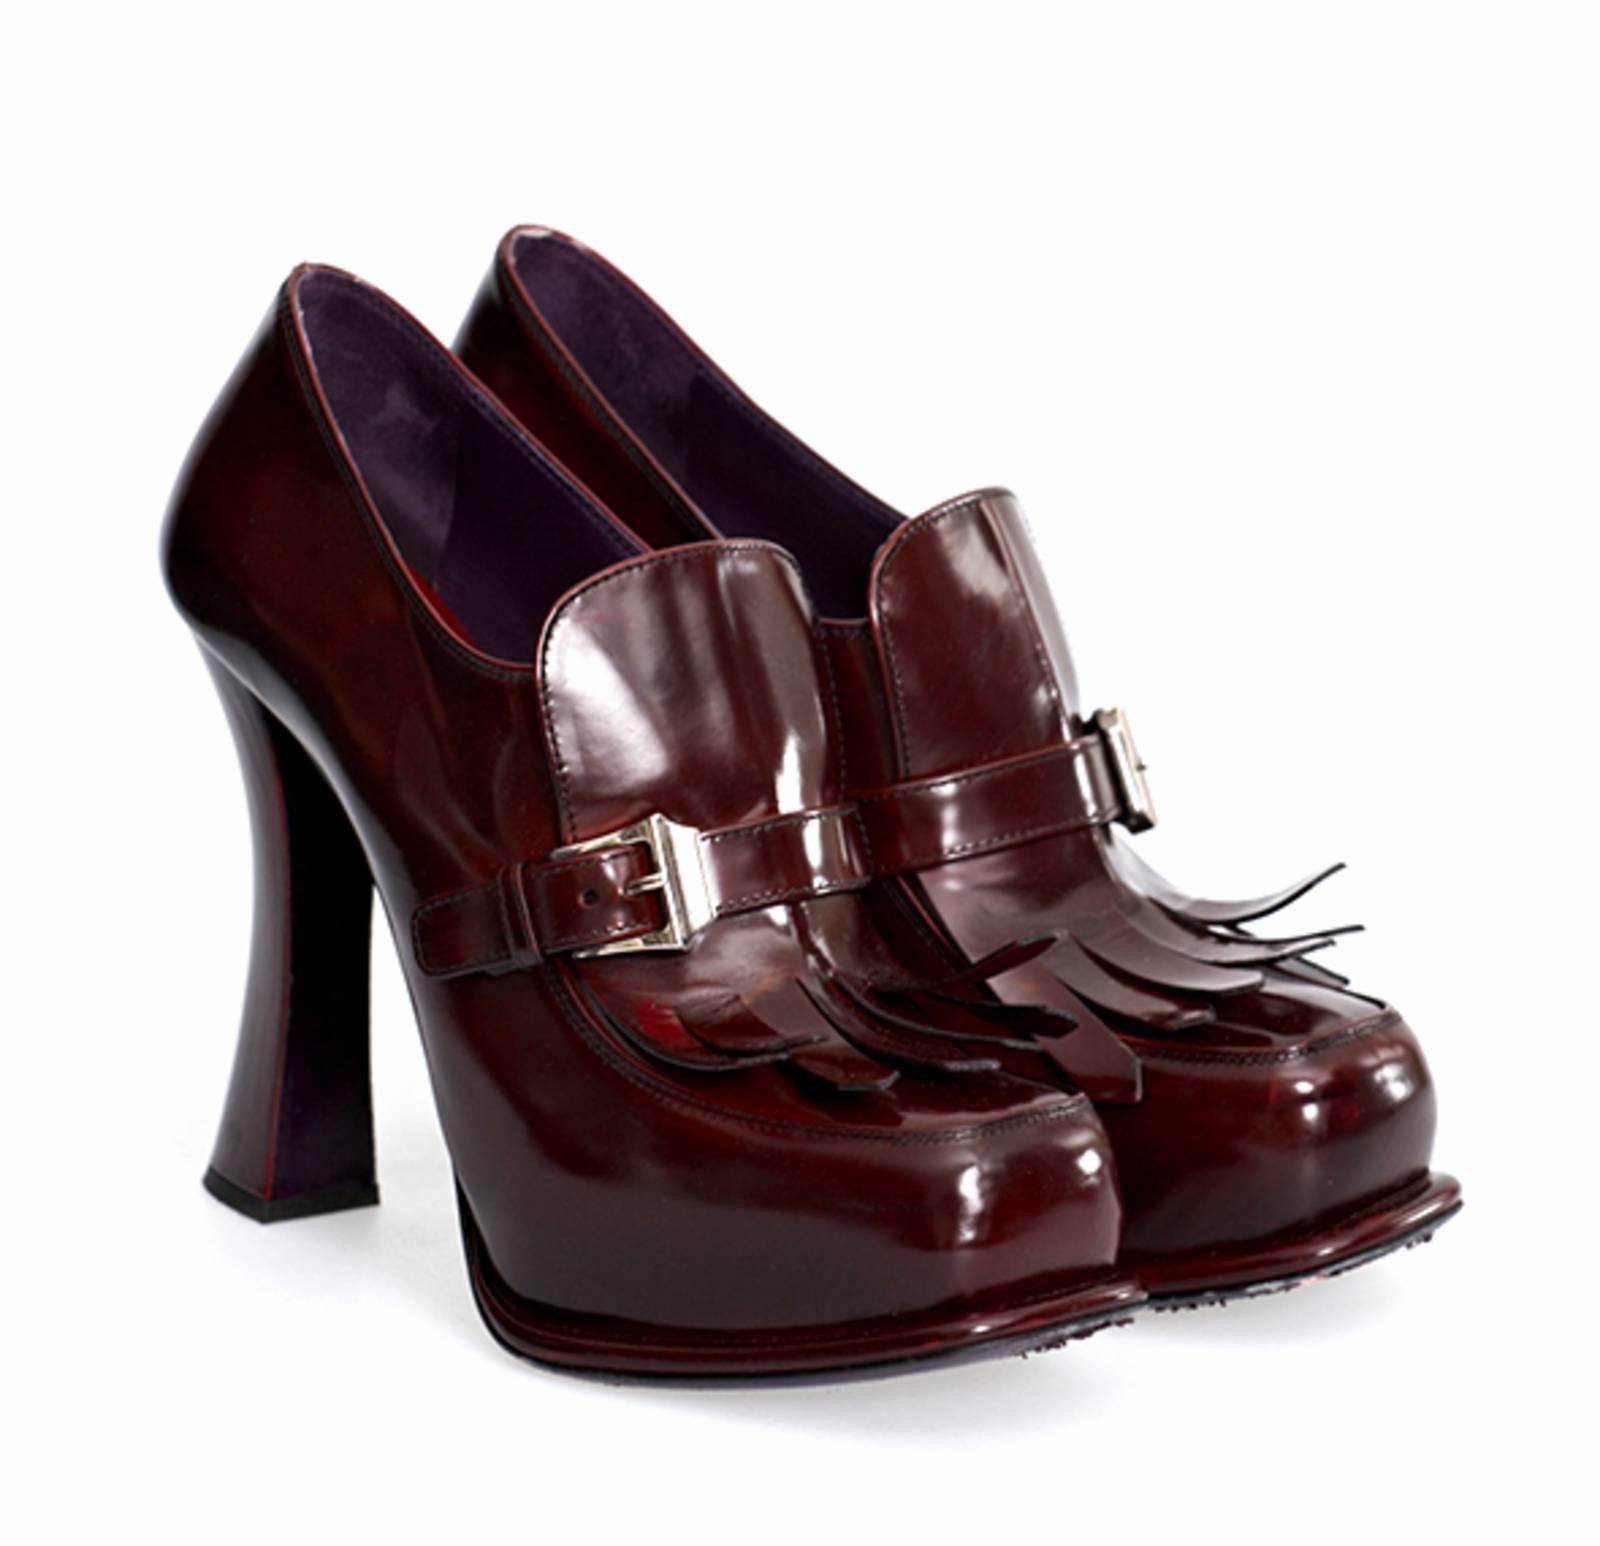 b5d3c9e79dae Купить туфли Prada в Москве с доставкой по цене 13440 рублей ...